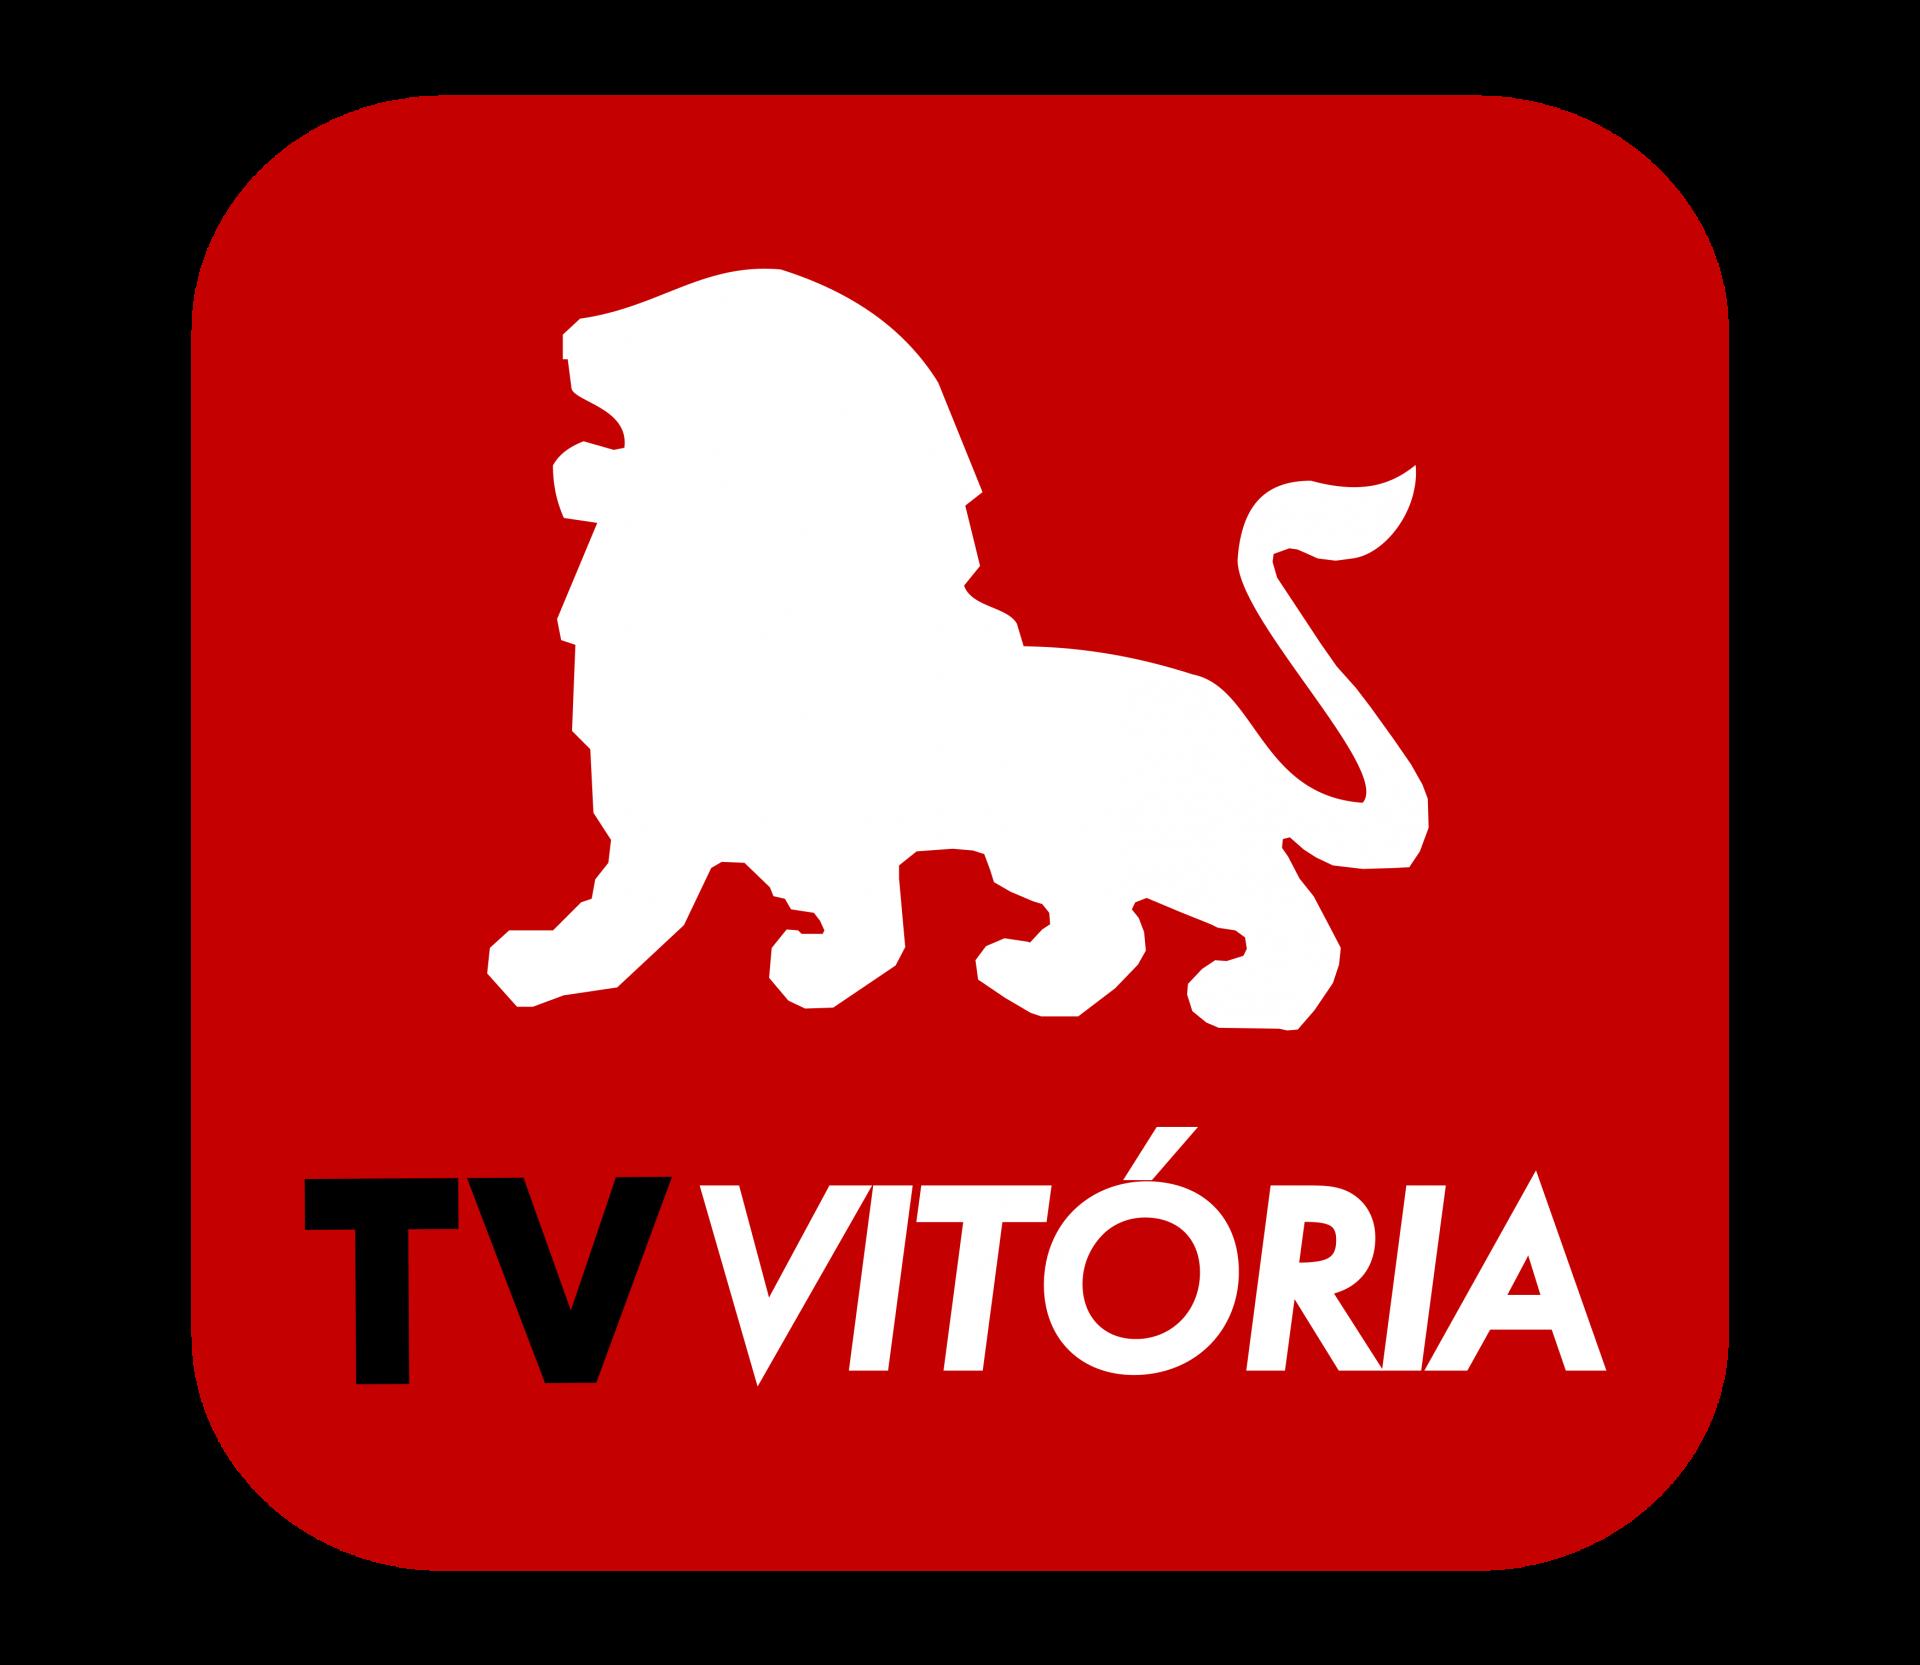 ecv-marca-tv-vitoria-colorida-em-vermelho